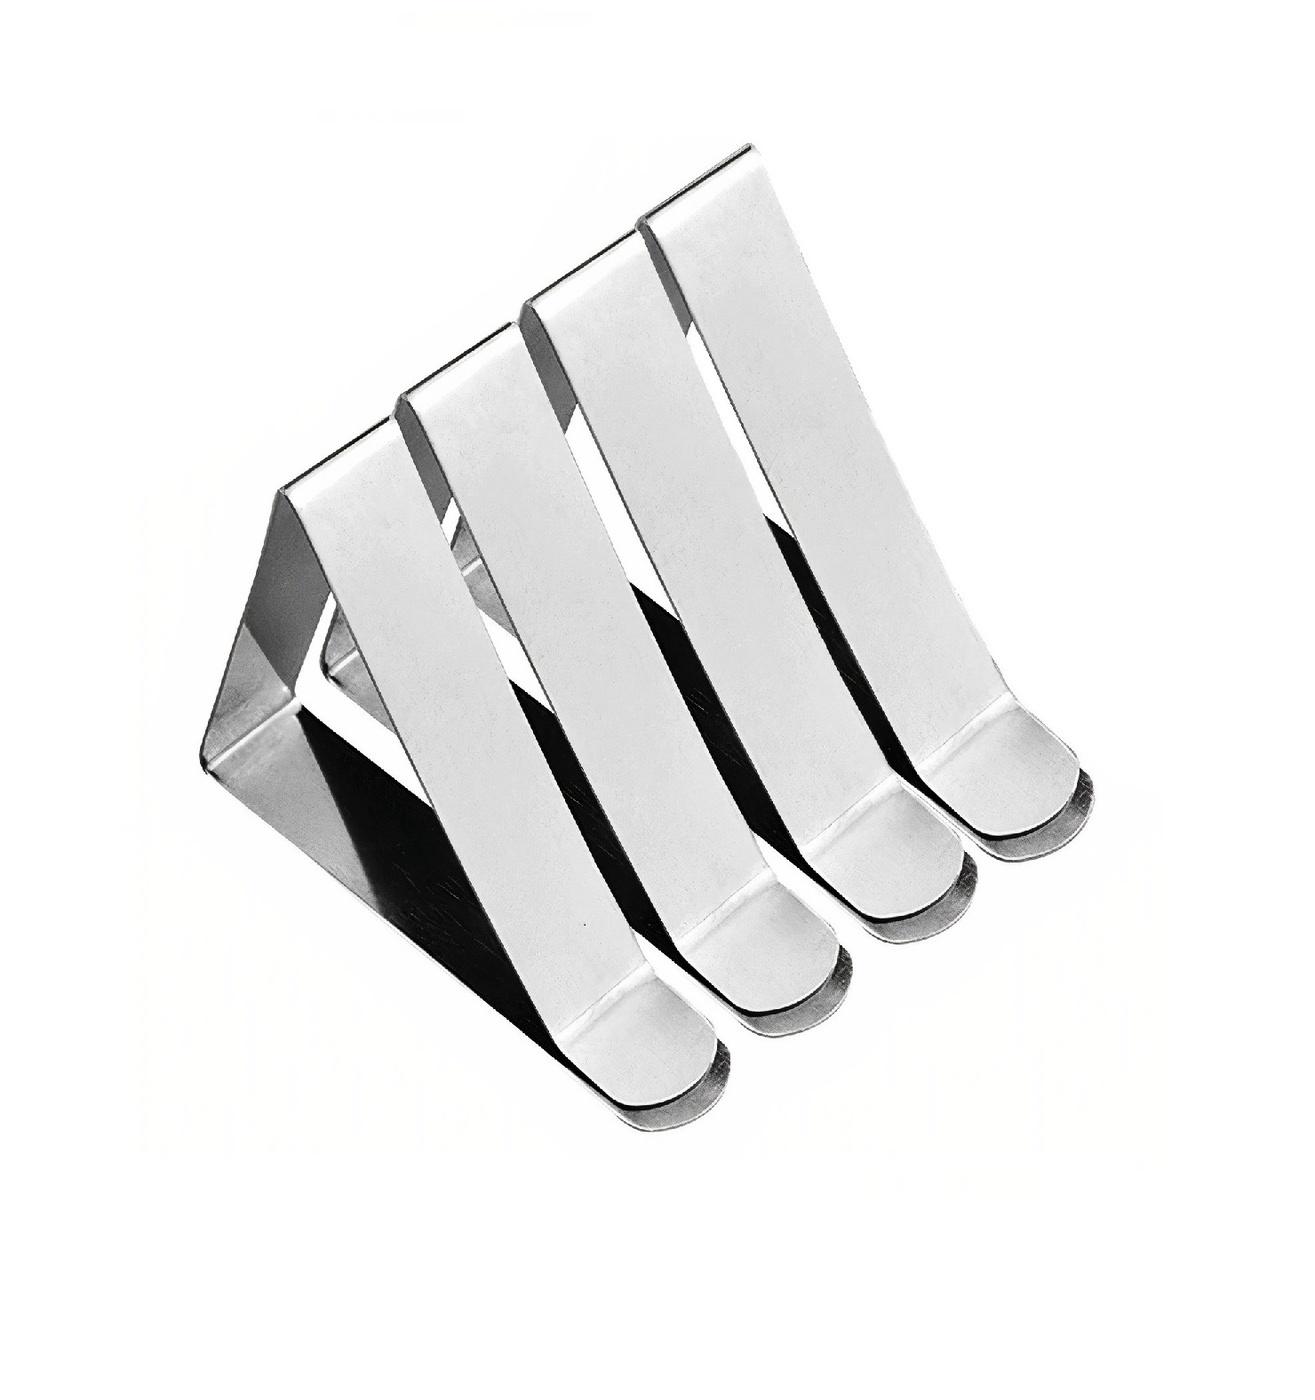 Зажимы для скатерти / фиксатор для скатерти / клипсы для скатерти / держатель для скатерти / зажимы кухонные 4 шт.